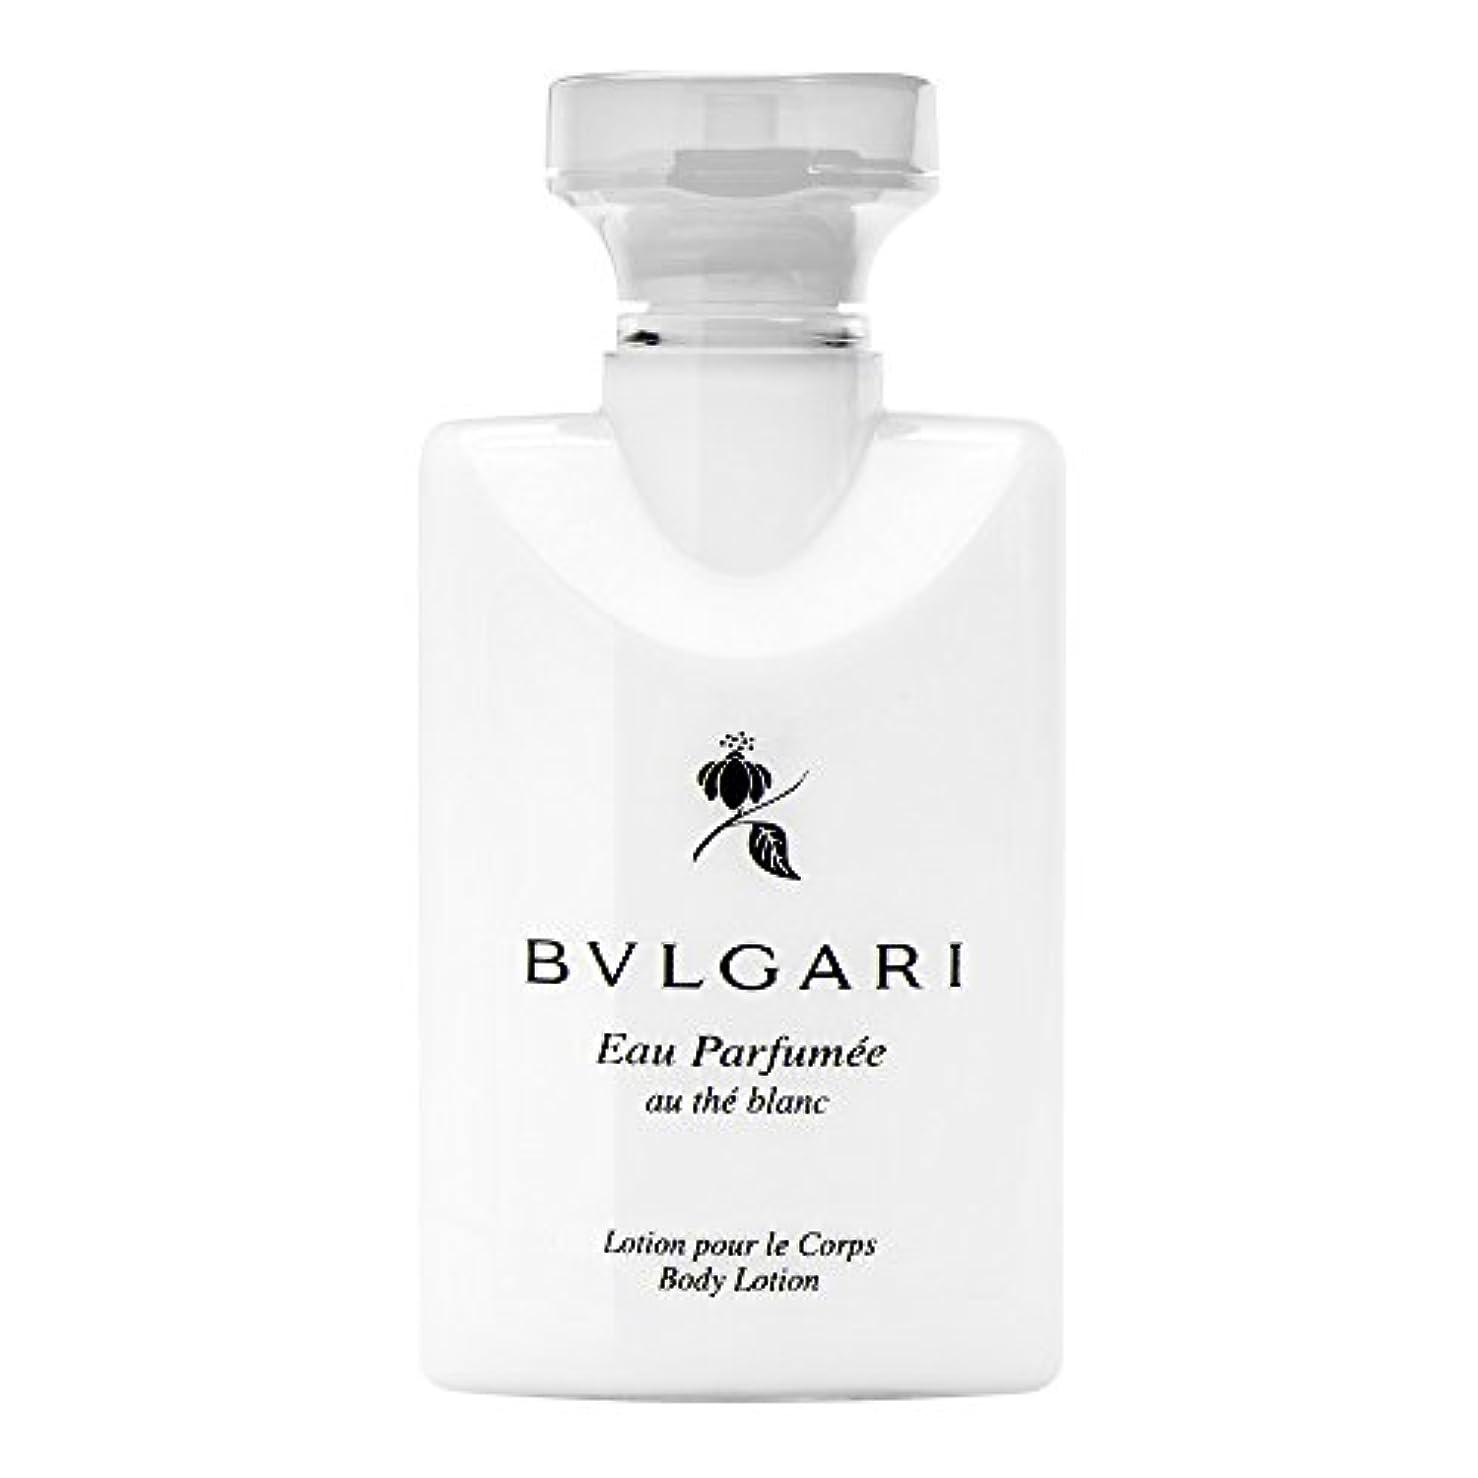 ブリークドラフトカレンダーBvlgari Eau Parfumee Au The Blanc (ブルガリ オー パフュ-メ オウ ブラン) 2.5 oz (75ml) Body Lotion ボディーローション